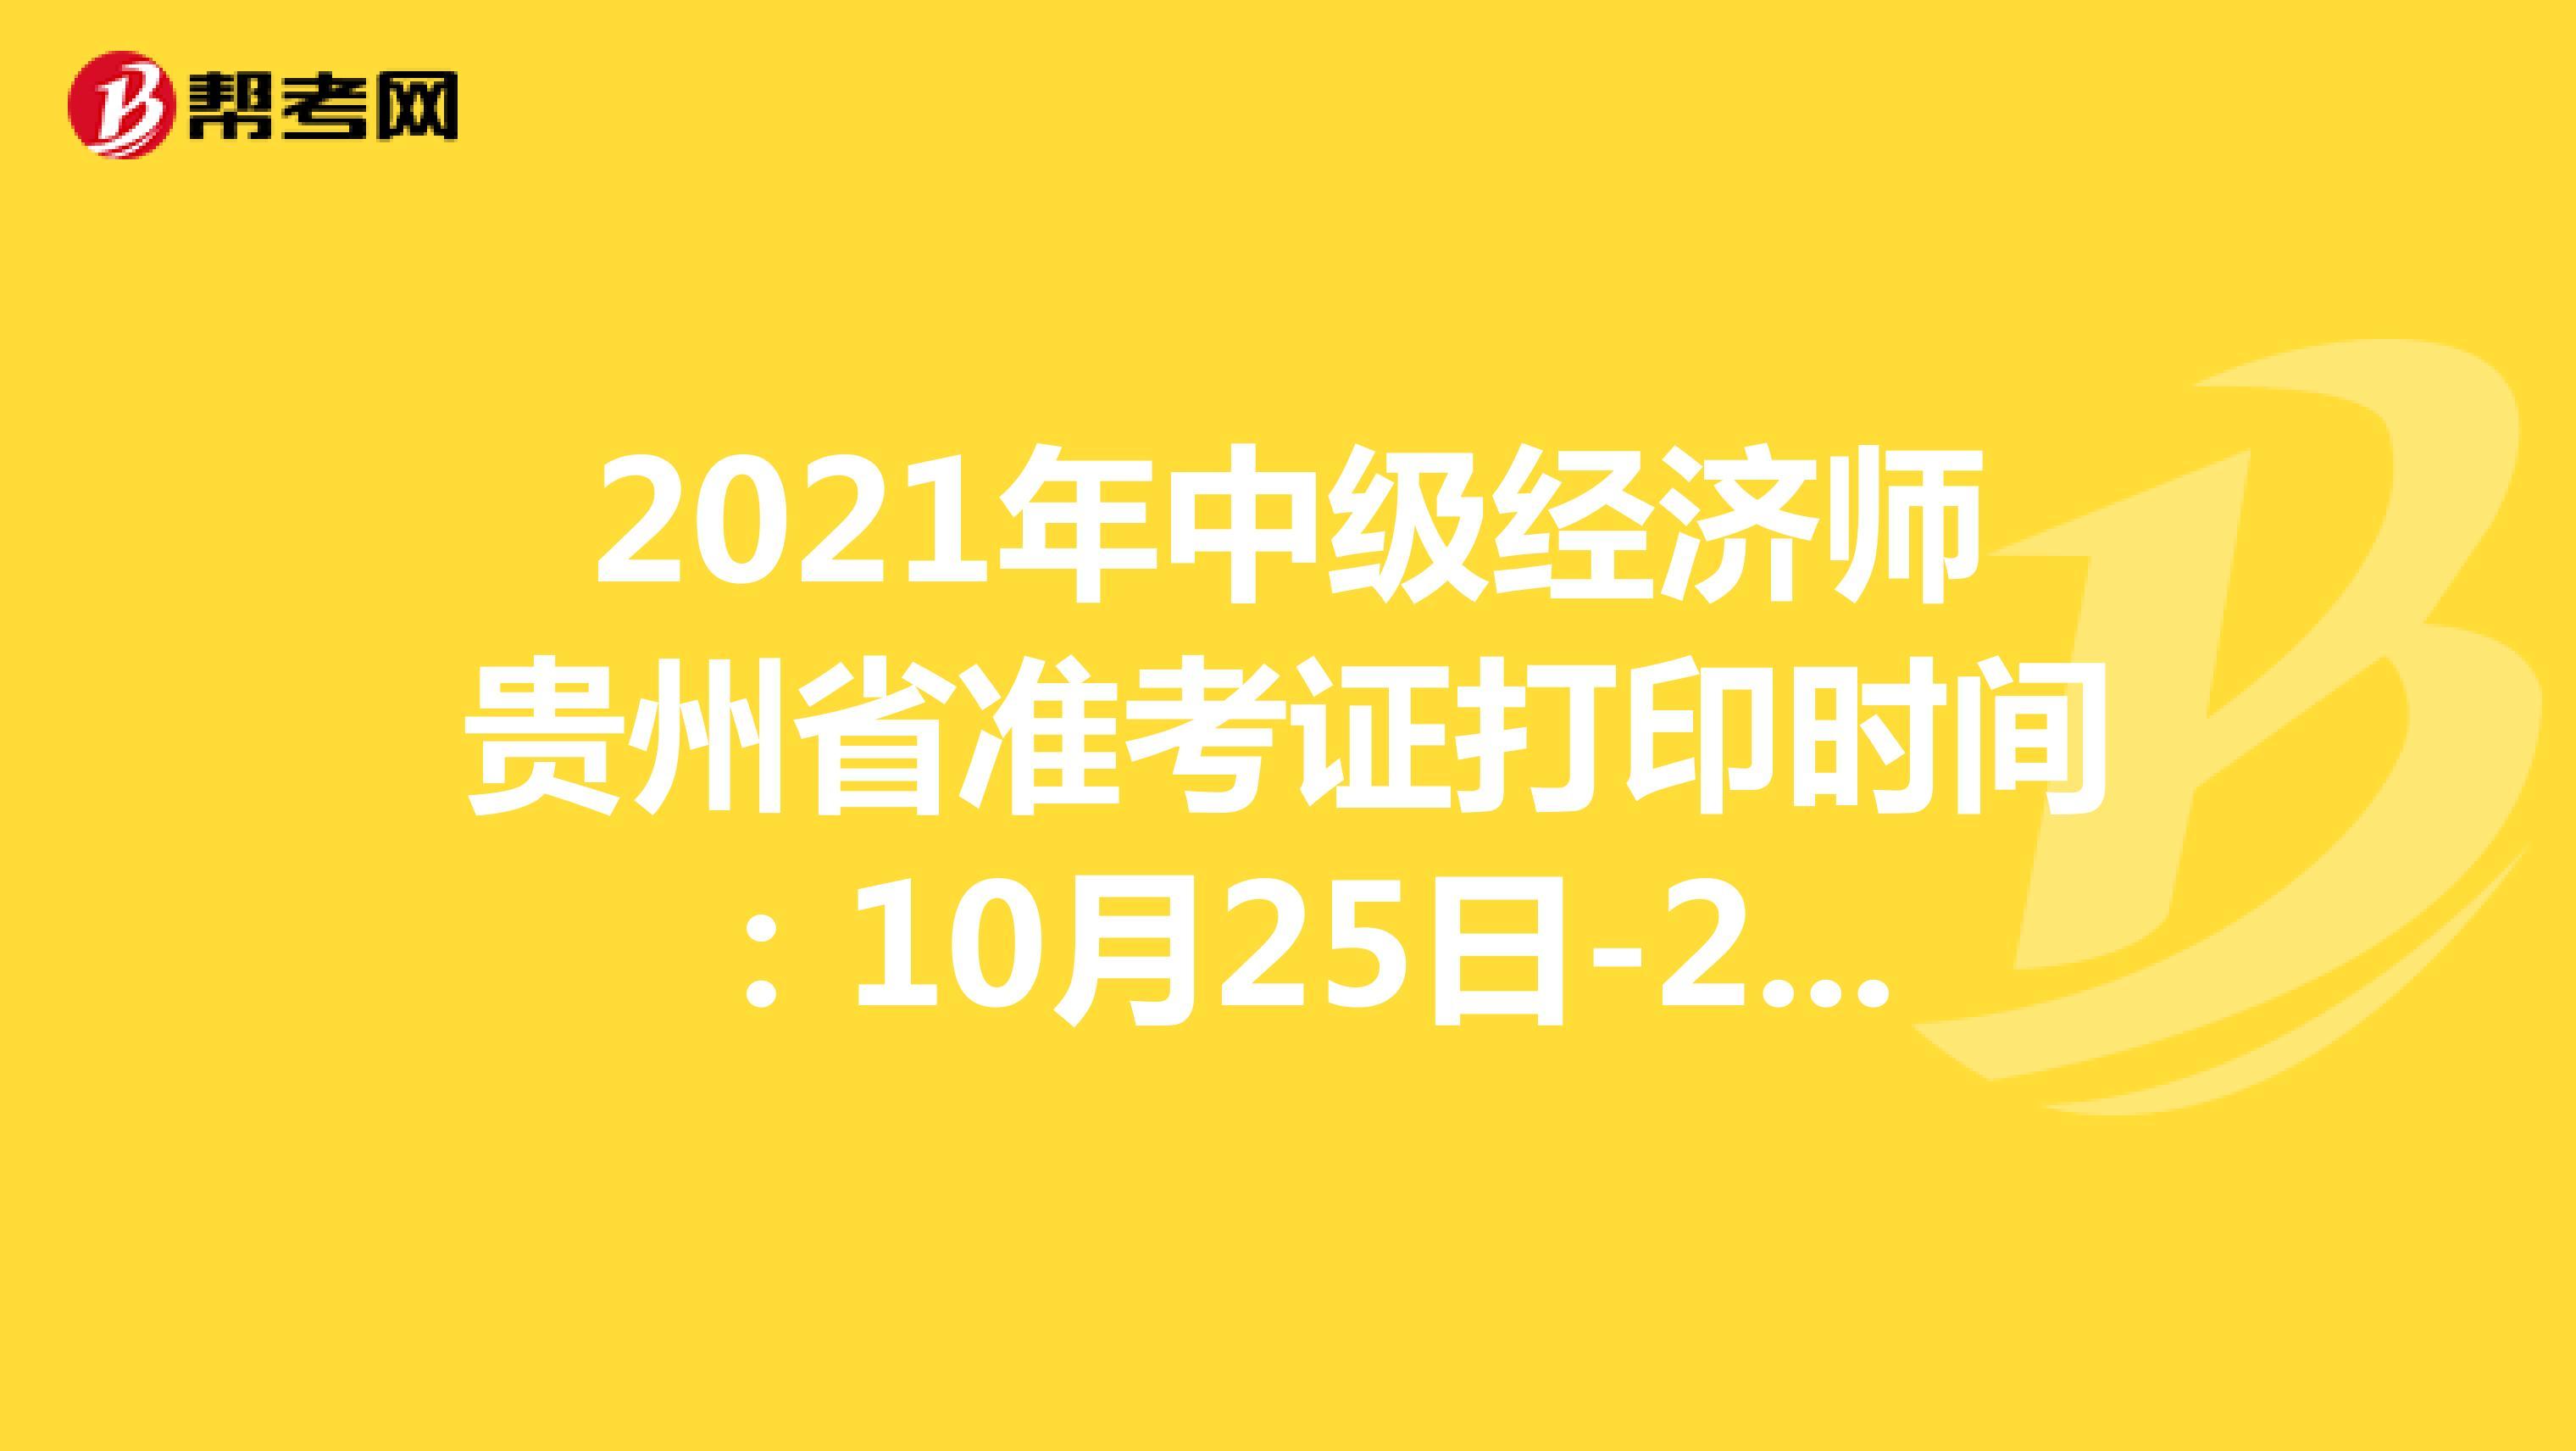 2021年(hot88电竞官网)中级经济师贵州省准考证打印时间:10月25日-29日!